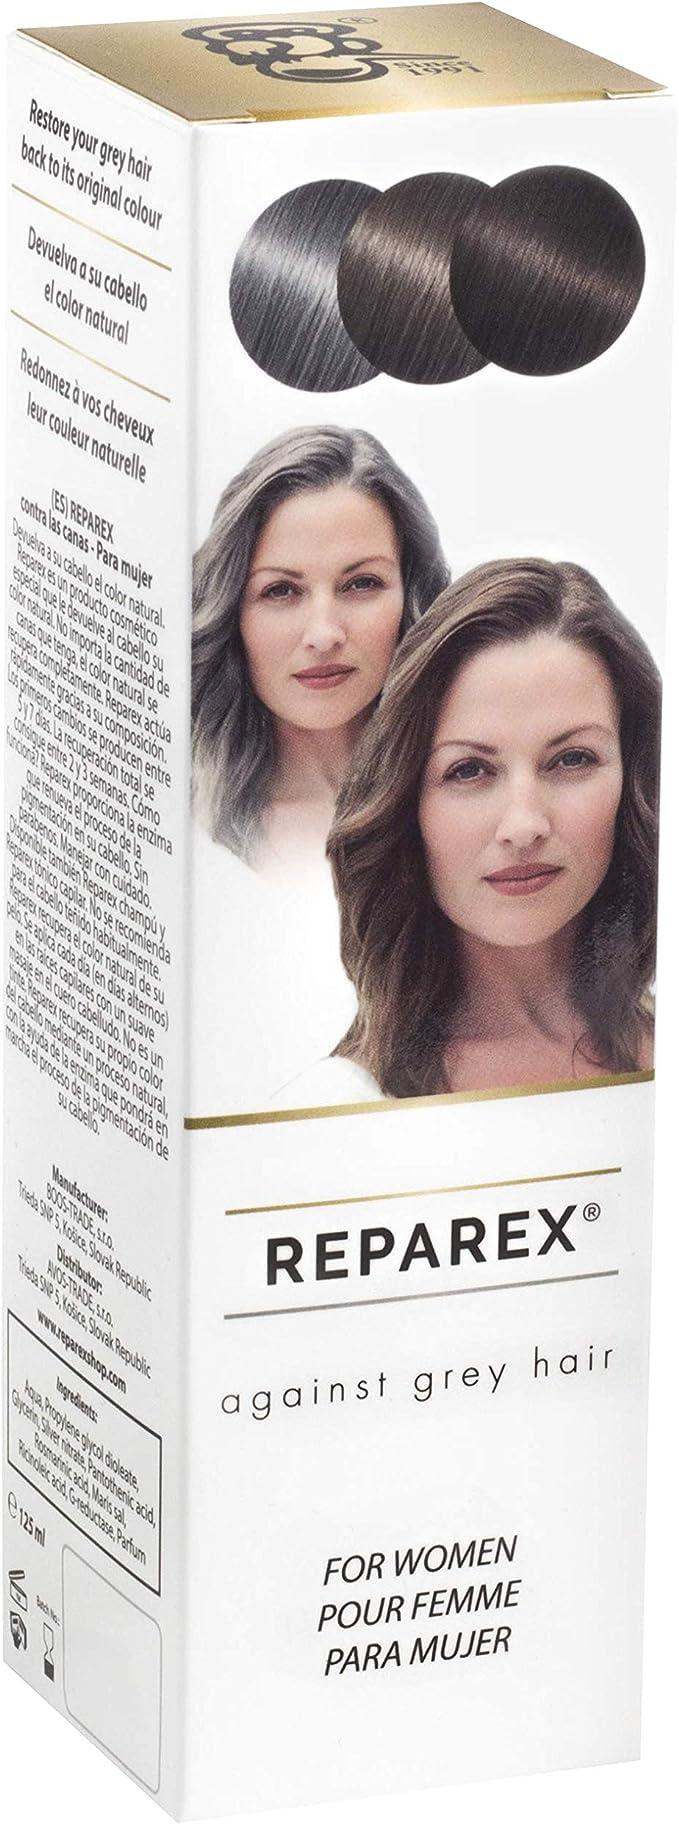 Reparex contra canas - Tratamiento de las raíces y el cabello de color gris natural para mujeres - Mejor que el champú o tinte de pelo - No más ...